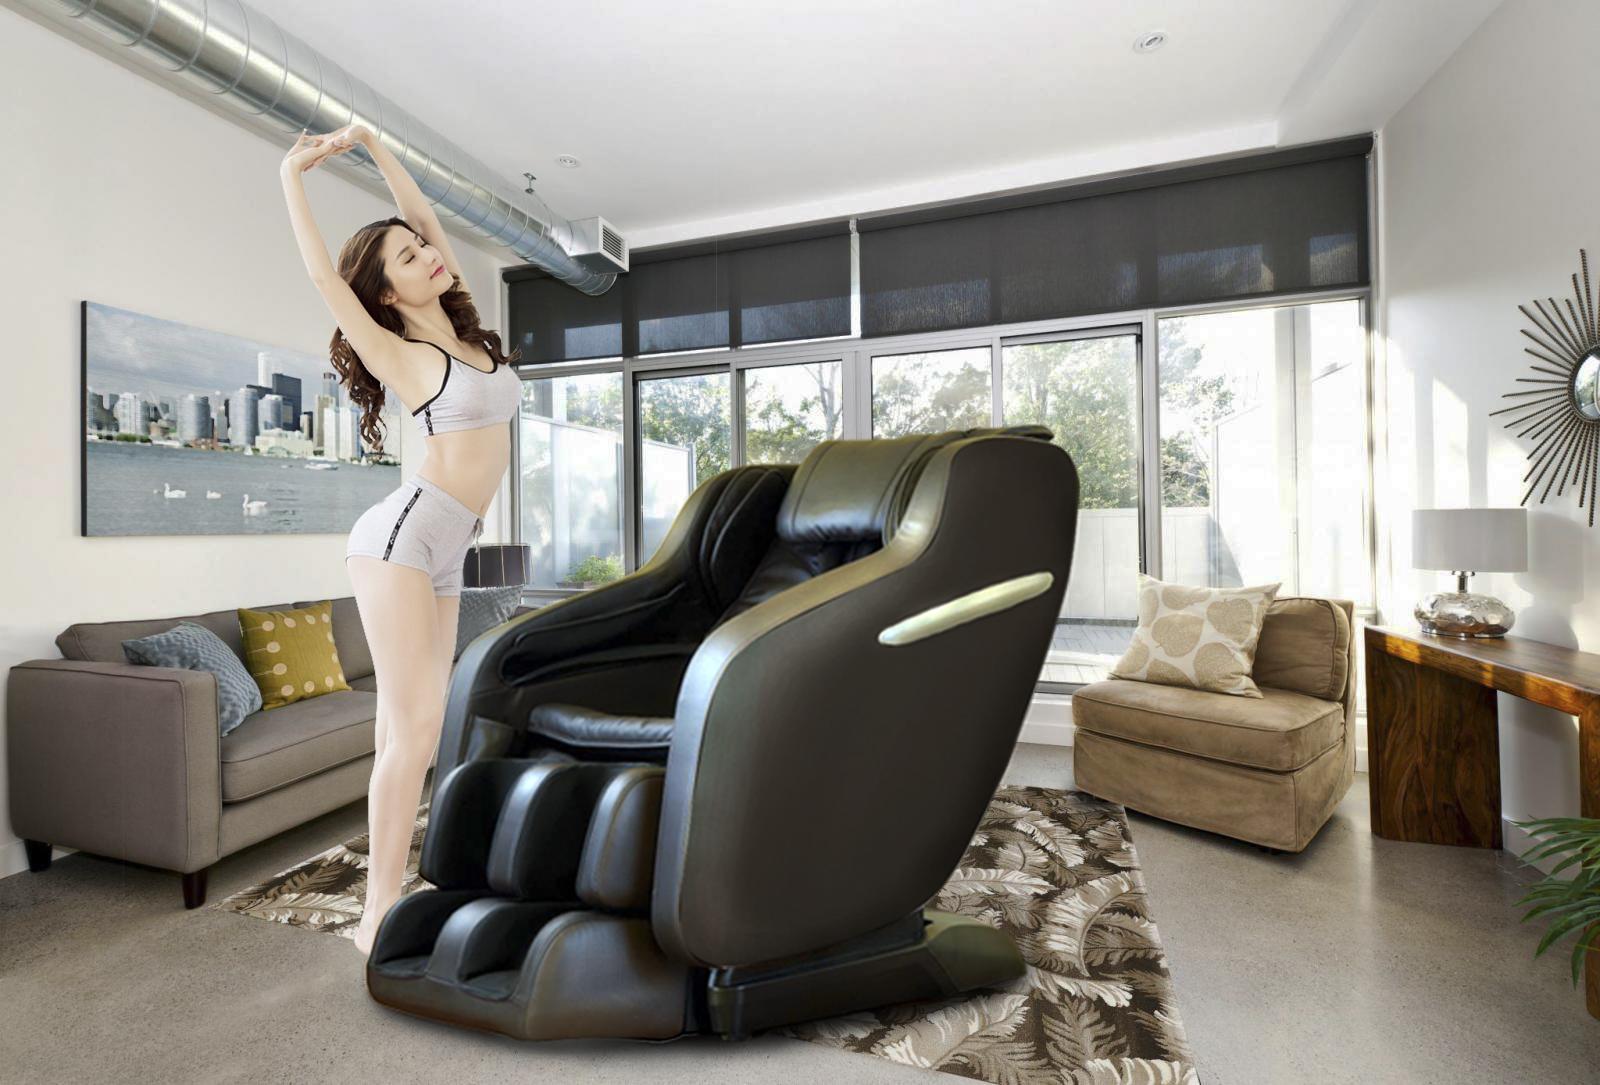 Độ tuổi nào nên sử dụng ghế massage?